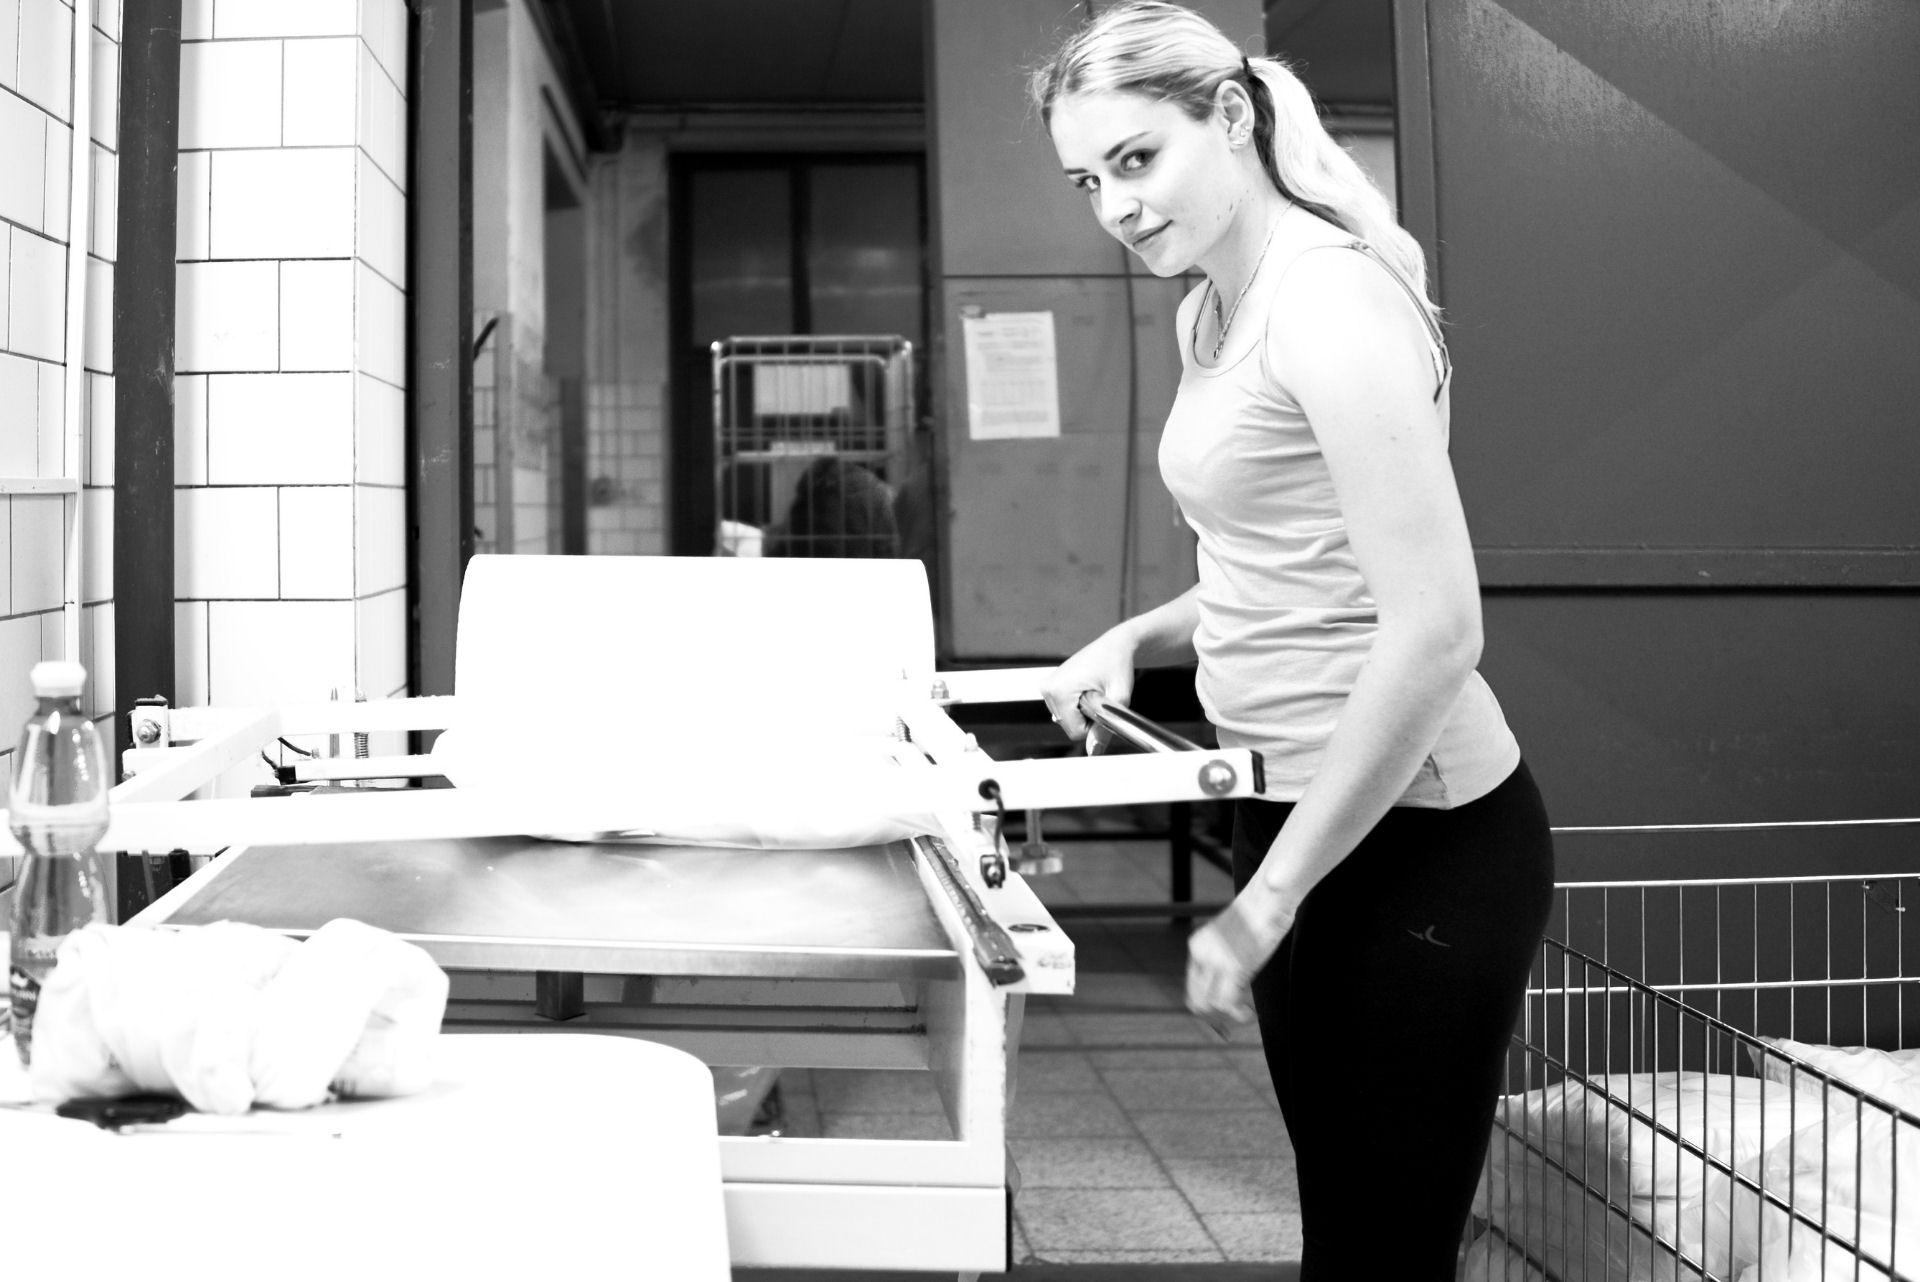 <p><strong>Velké praní<br /> nechte na nás</strong><br /> Profesionální prádelna s více než 29letou tradicí.</p>